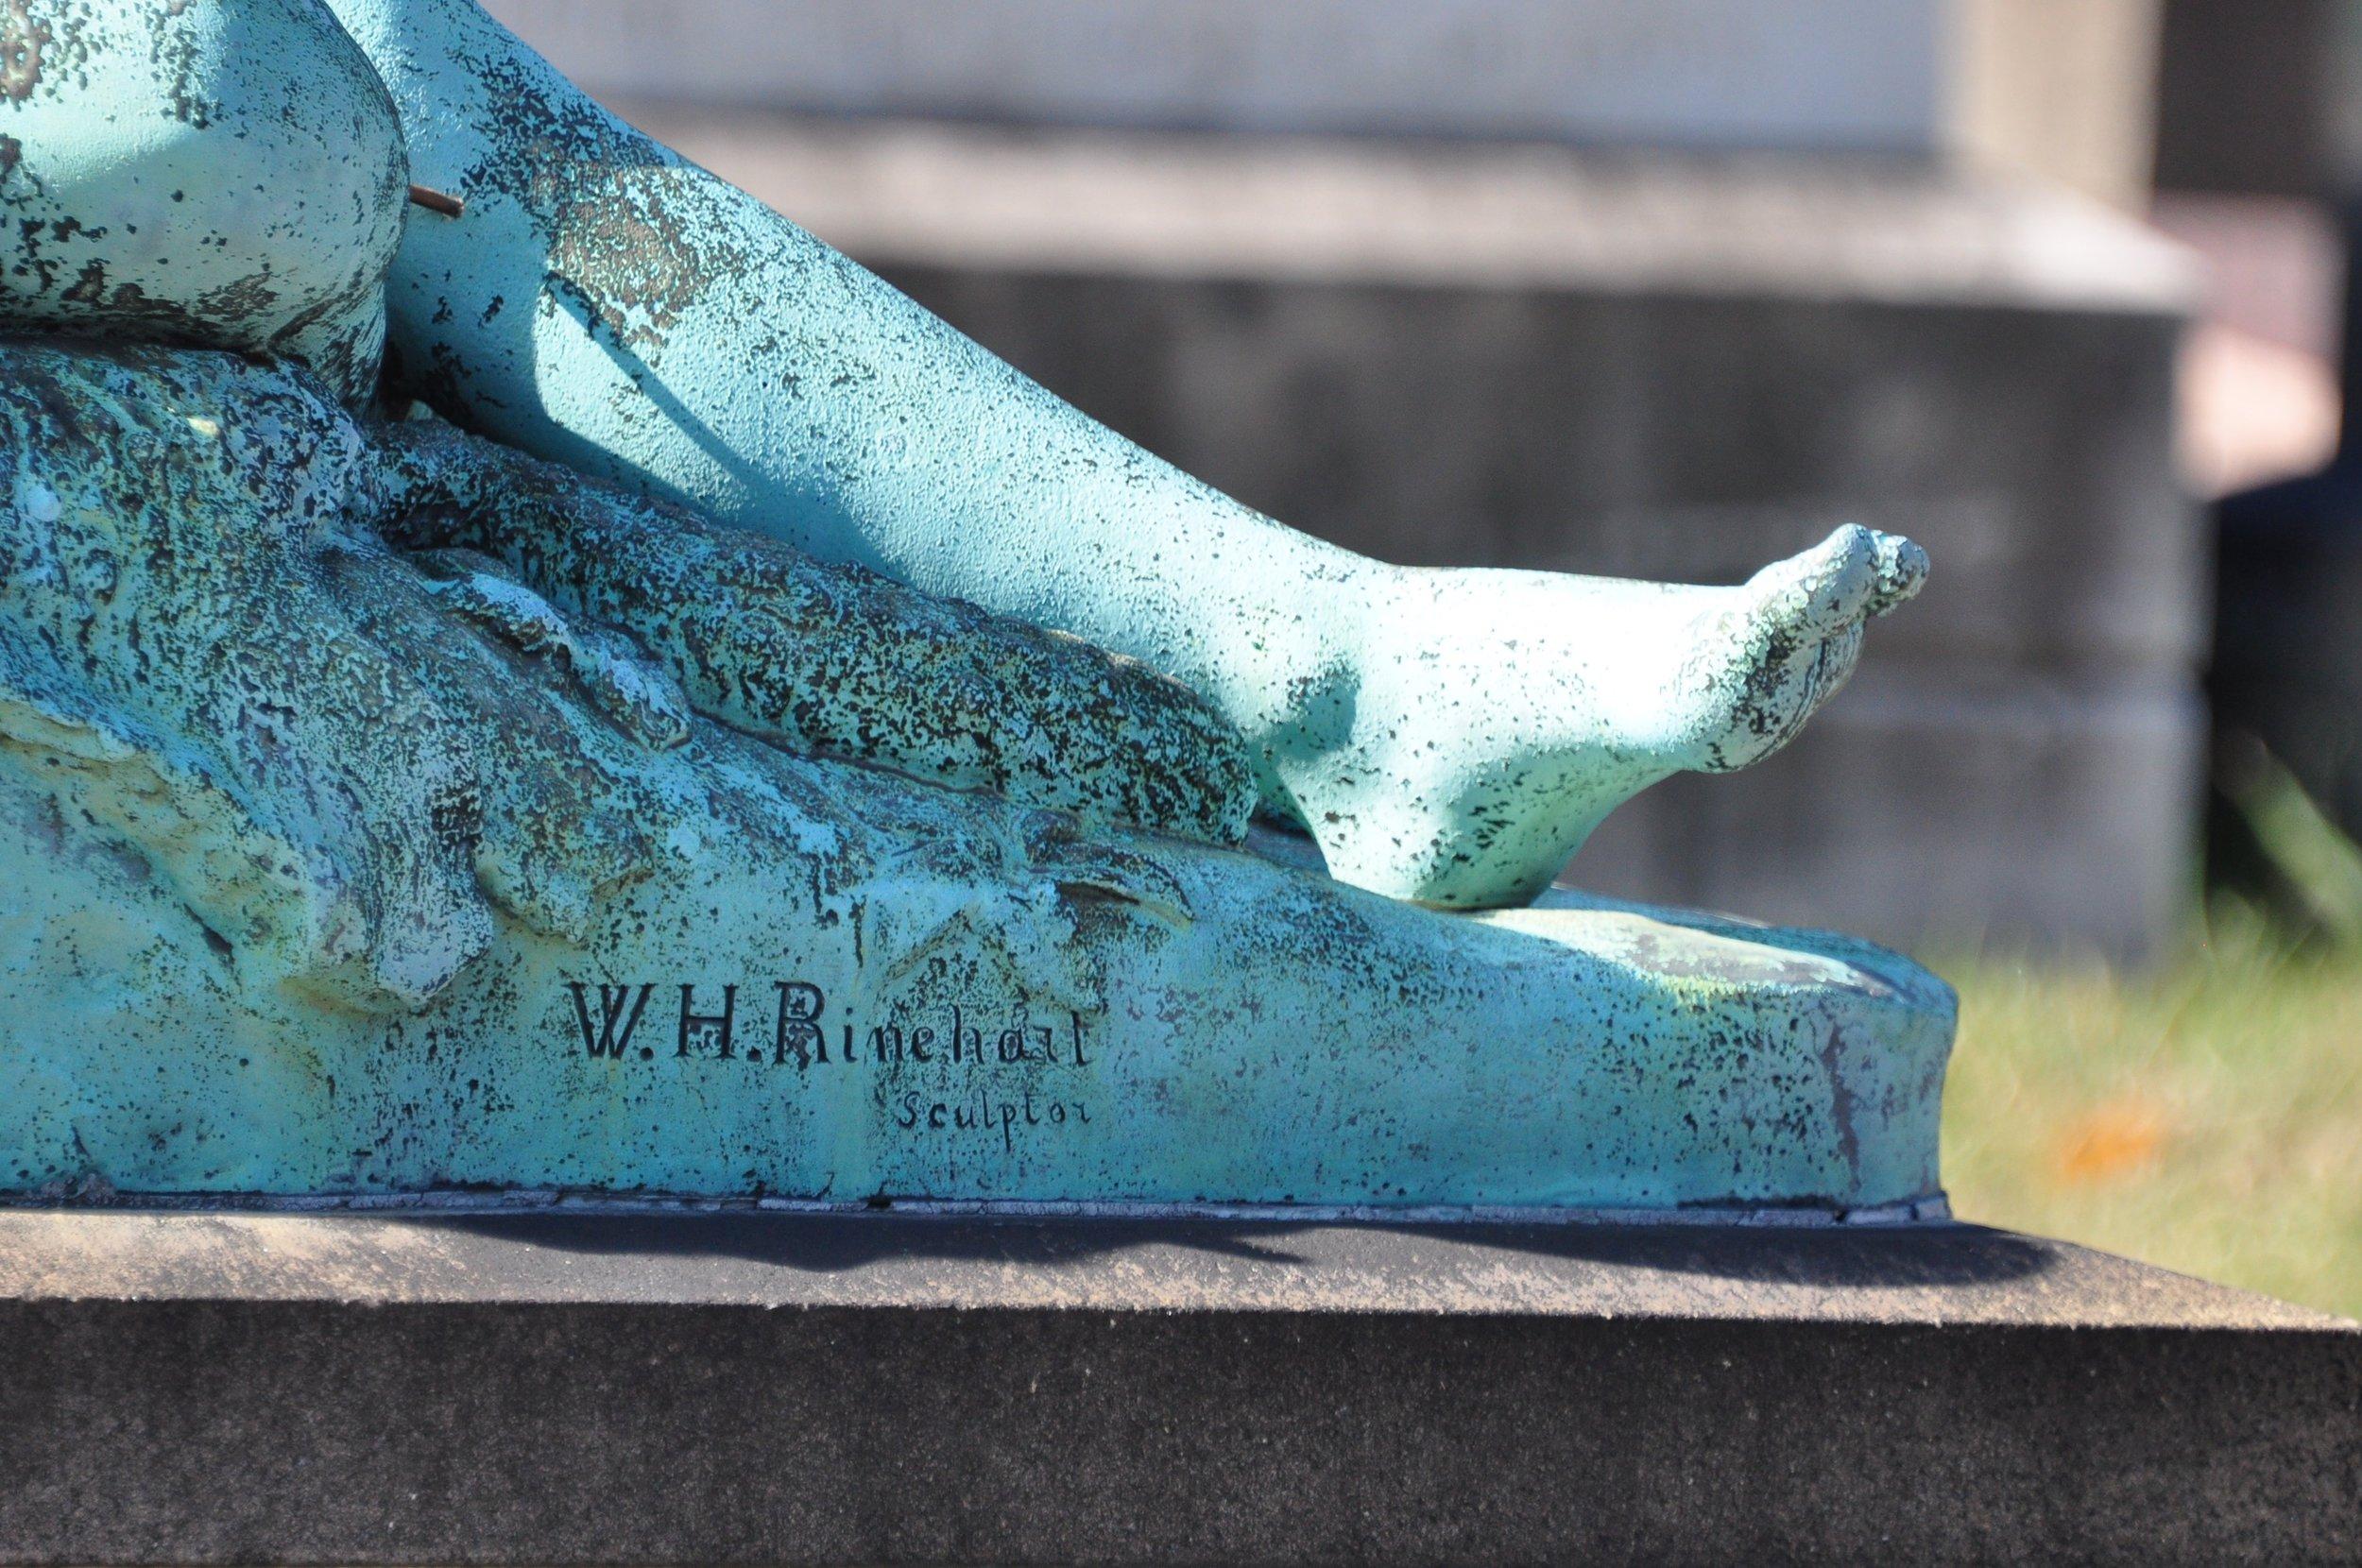 Rinehart sculpture signature Original.jpg